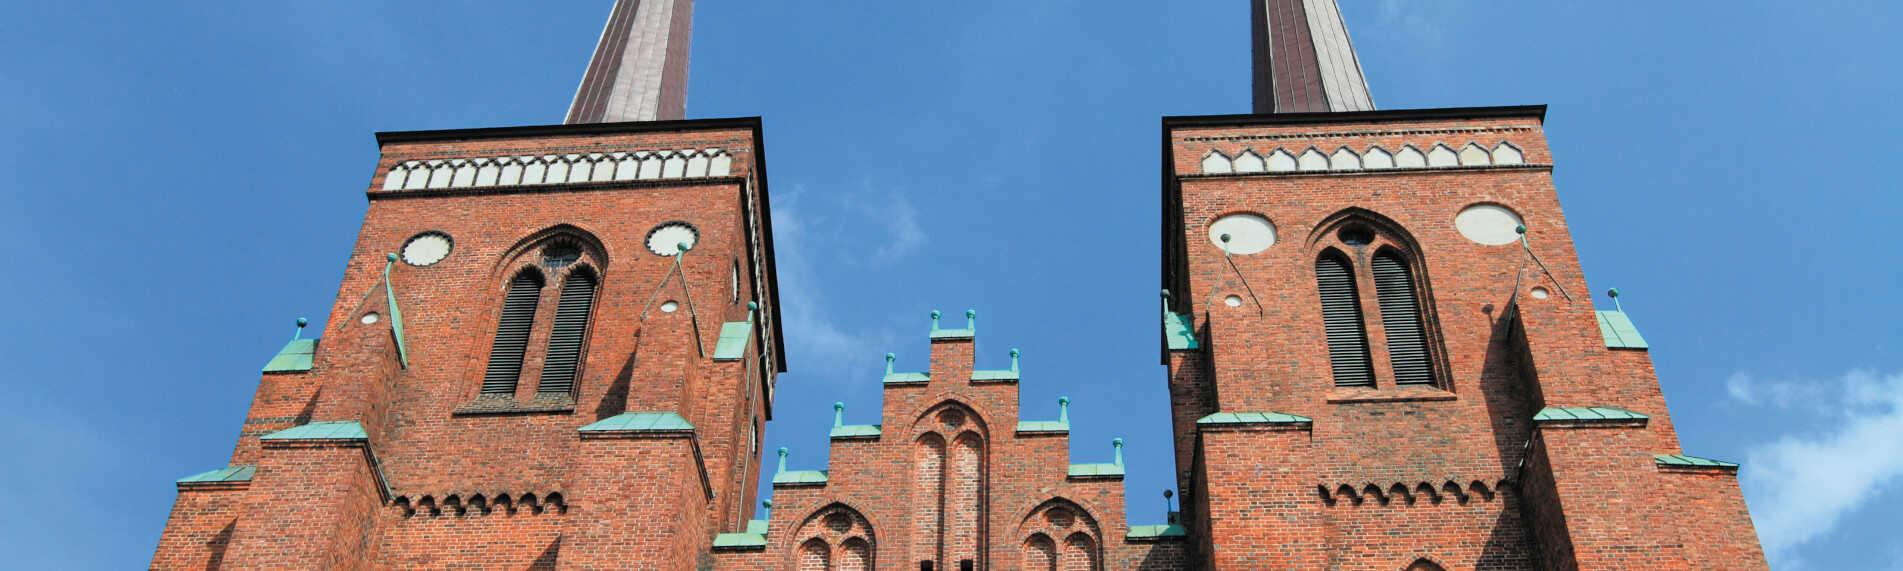 Roskilde Domkirke har ikke længere problemer med mug og skimmel